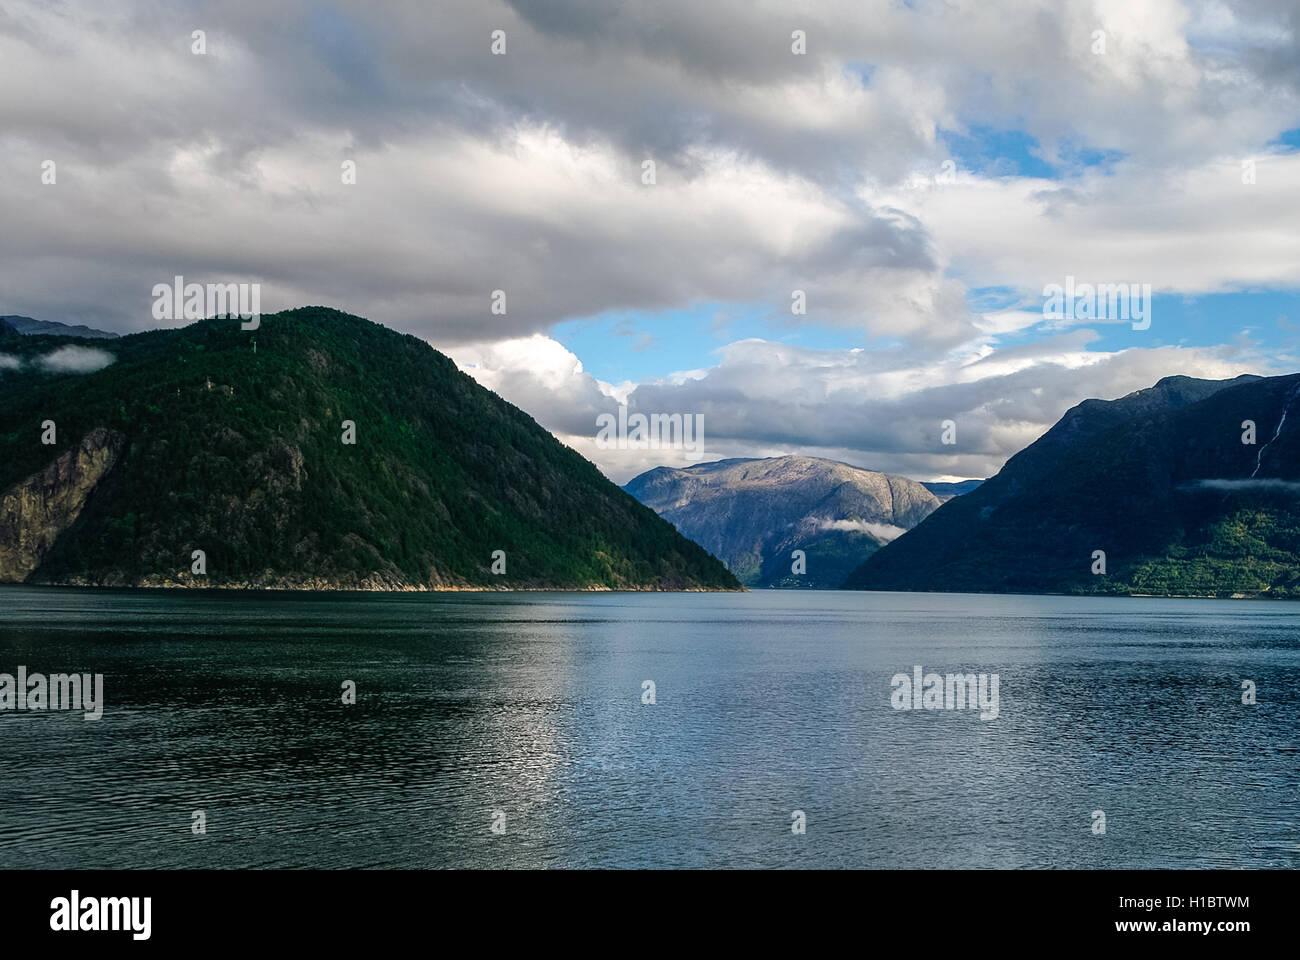 Cielo nublado sobre orillas del fiordo. Montañas con bosque verde, Eidfjord, Noruega Imagen De Stock